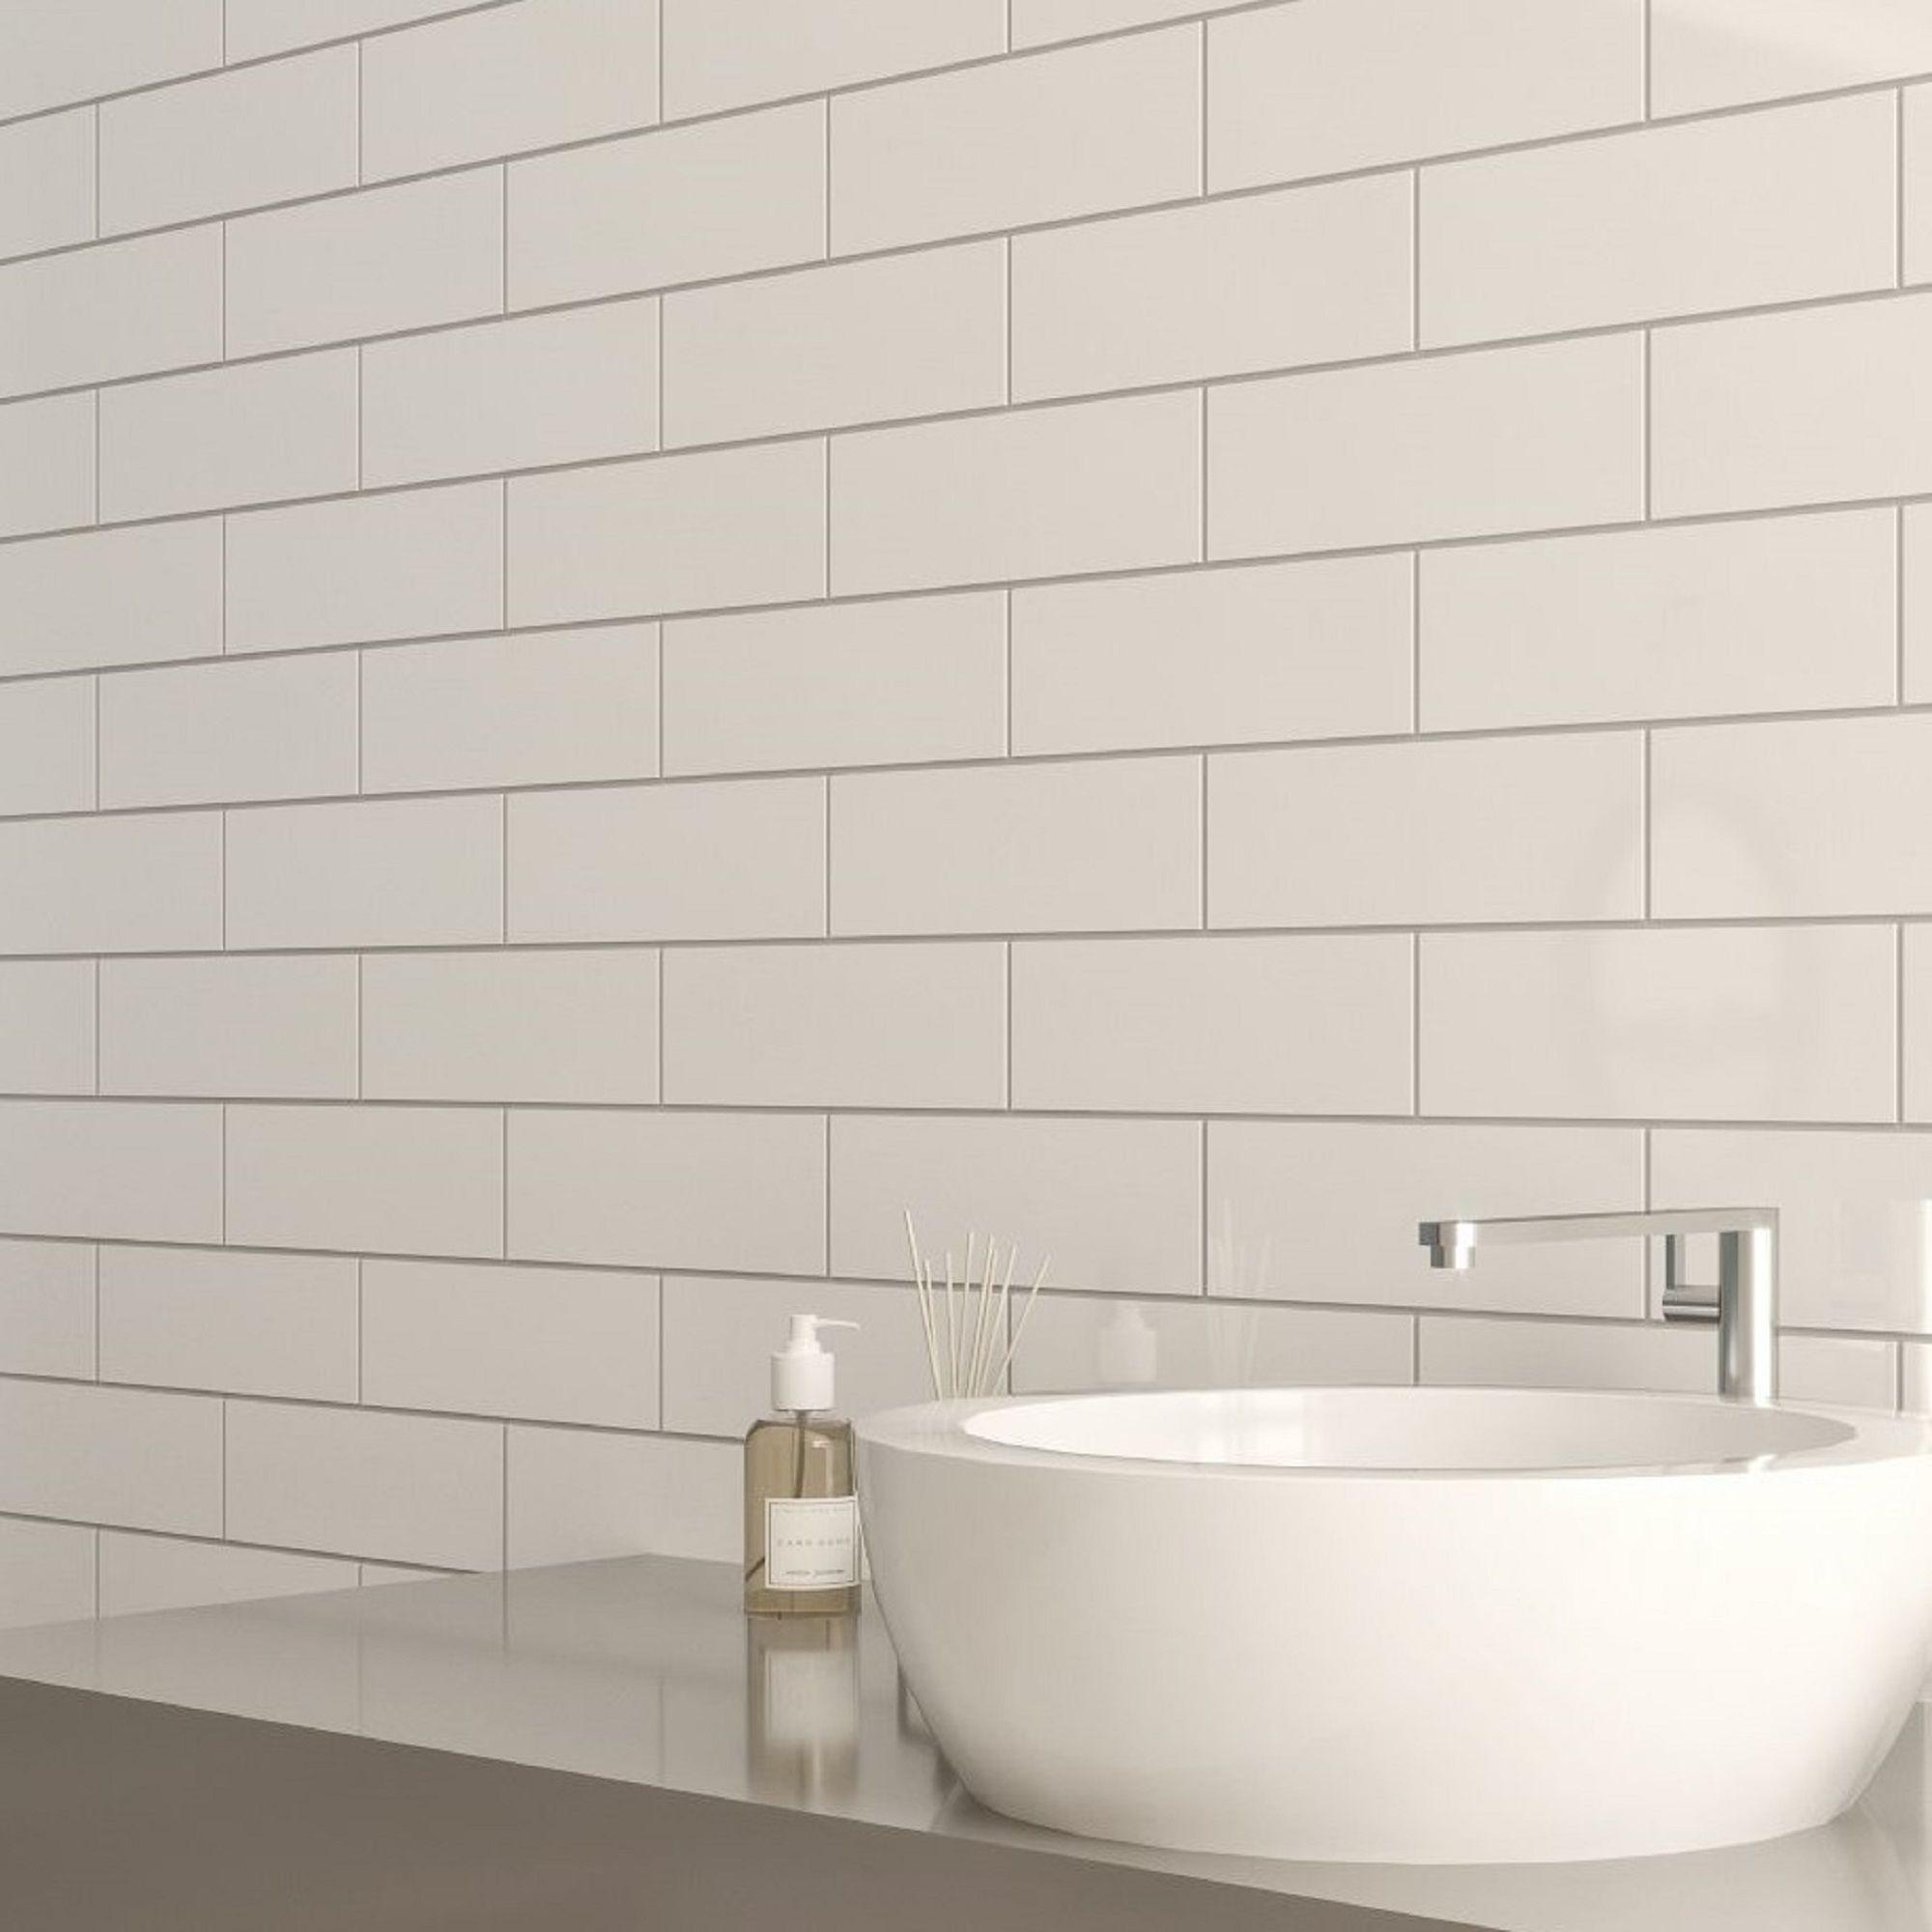 Windsor White Gloss Ceramic Wall tile, Pack of 30, (L ...